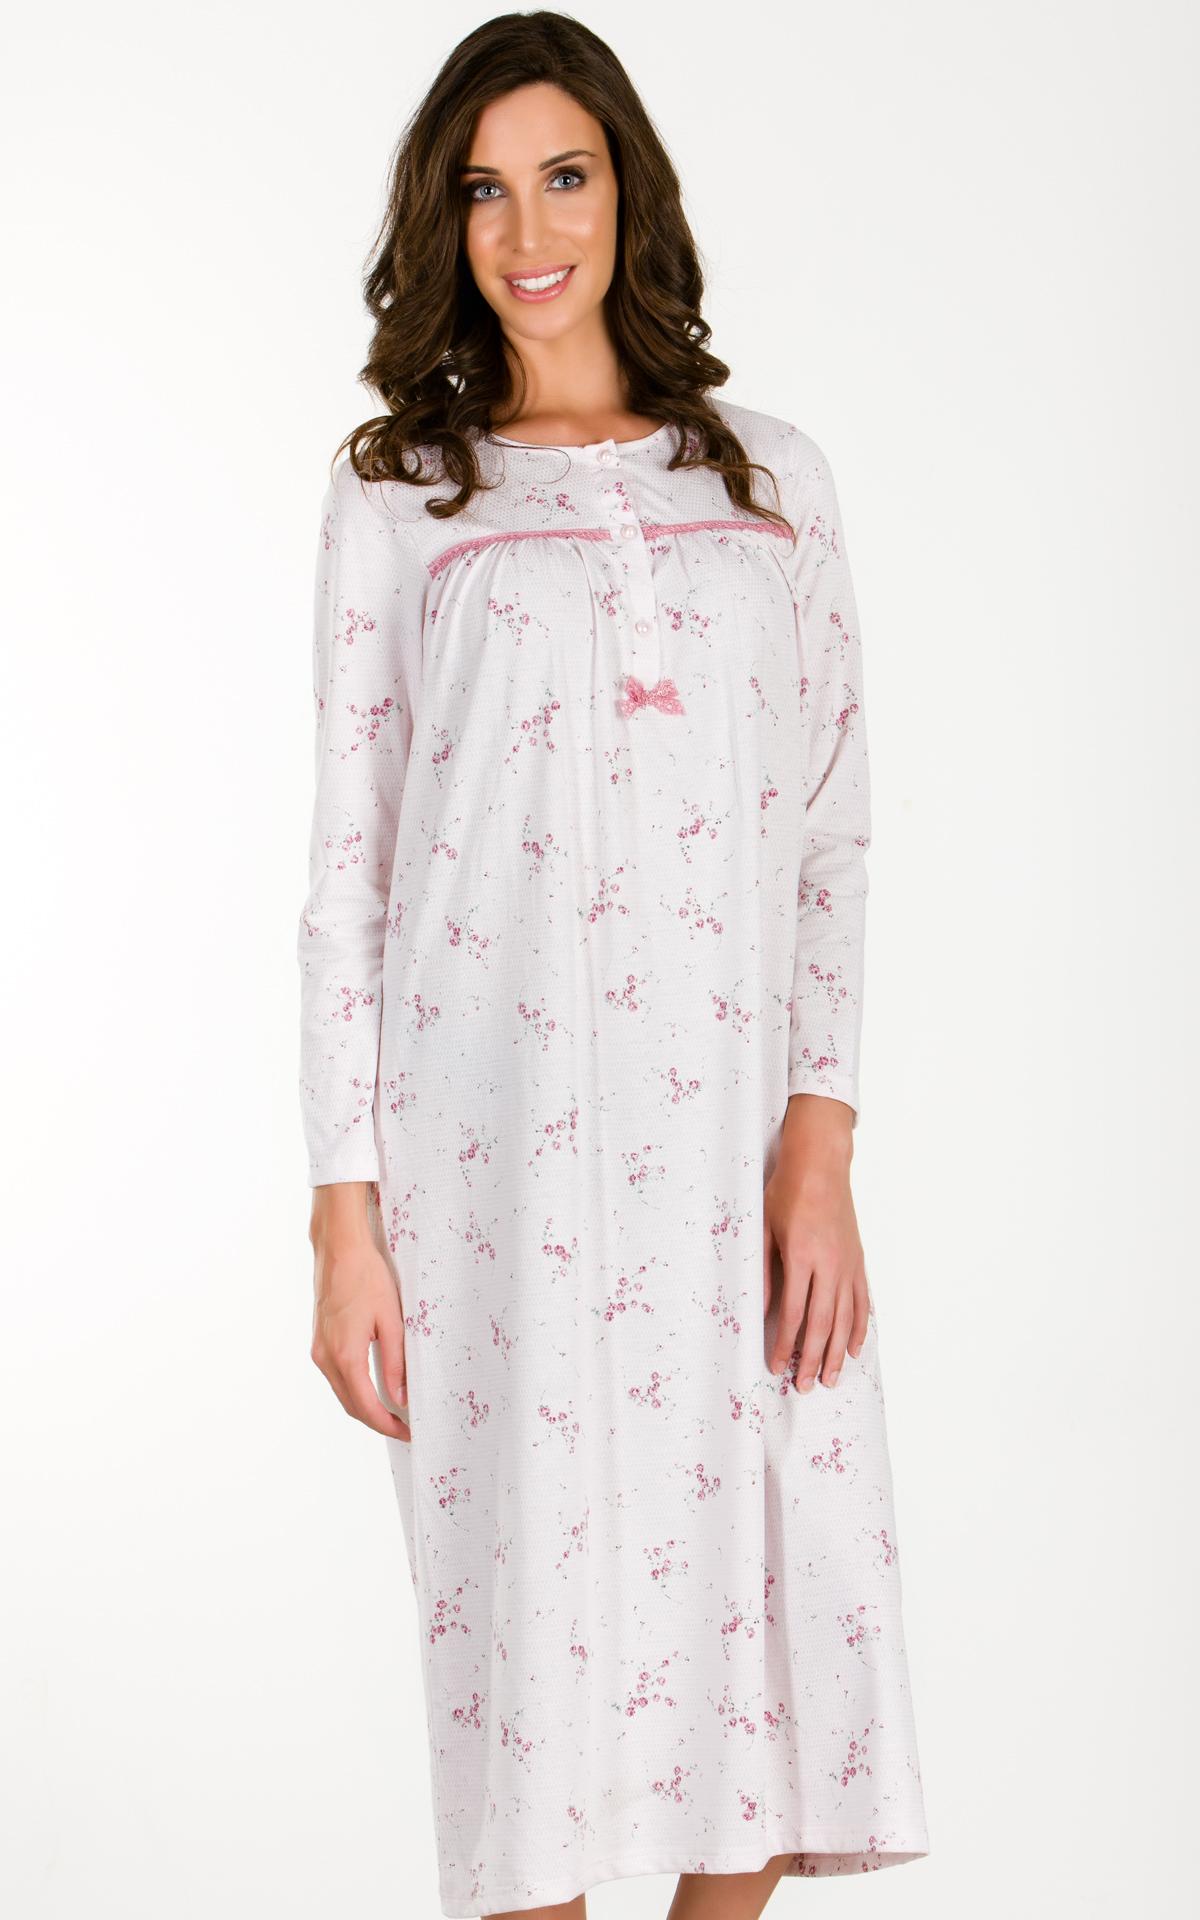 Woman Pyjama Nightdress Nightdress Floral e3eabe30e03